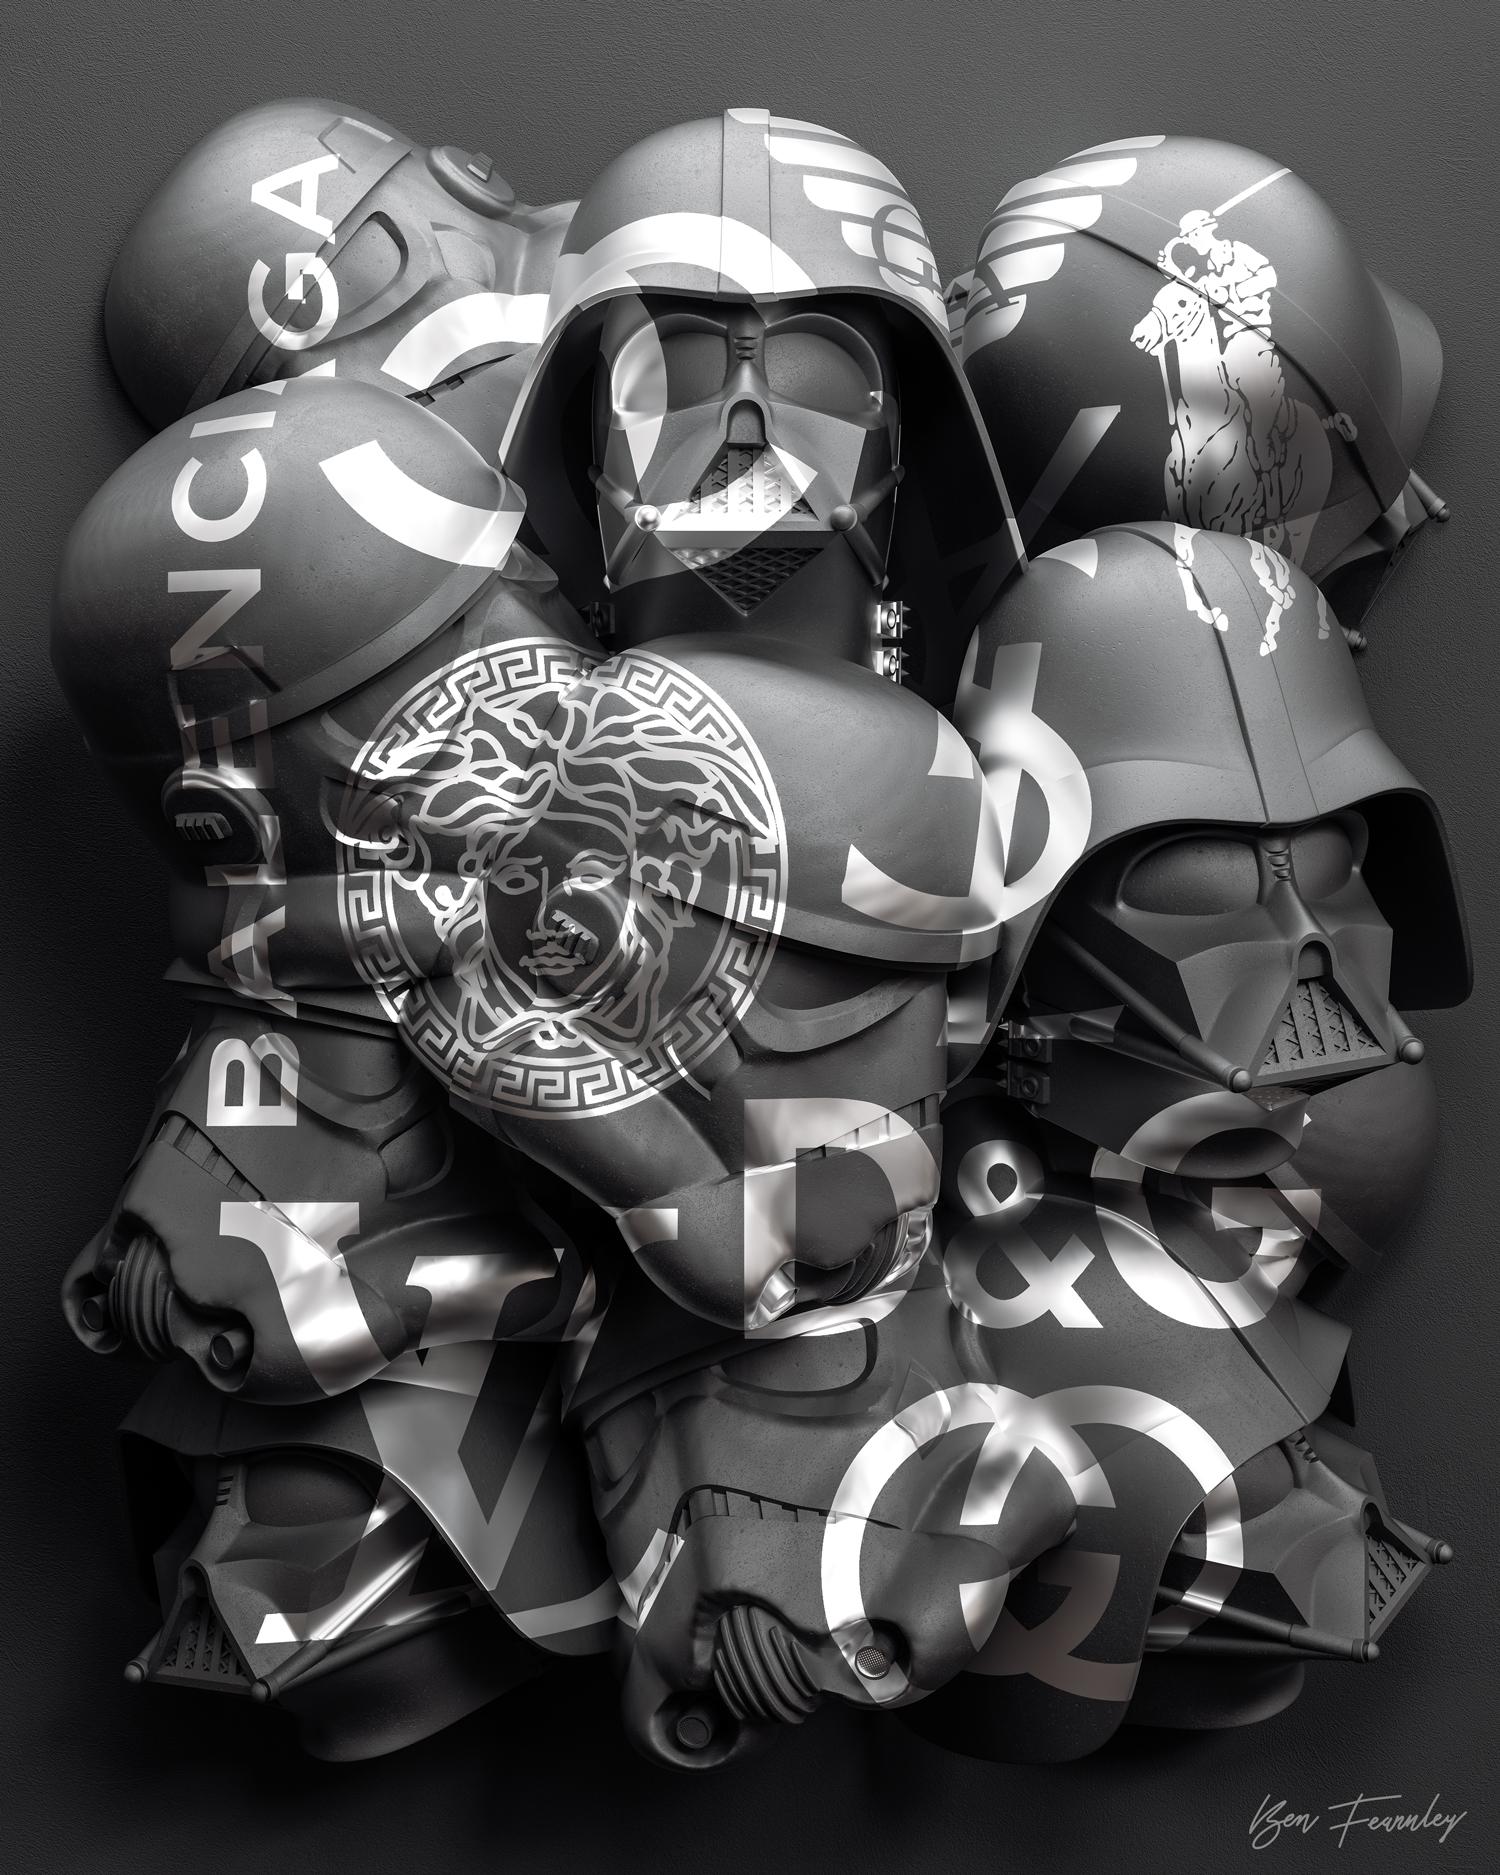 AnamorphicSculptures_FashionWars_Ben-Fearnley-Crop.jpg